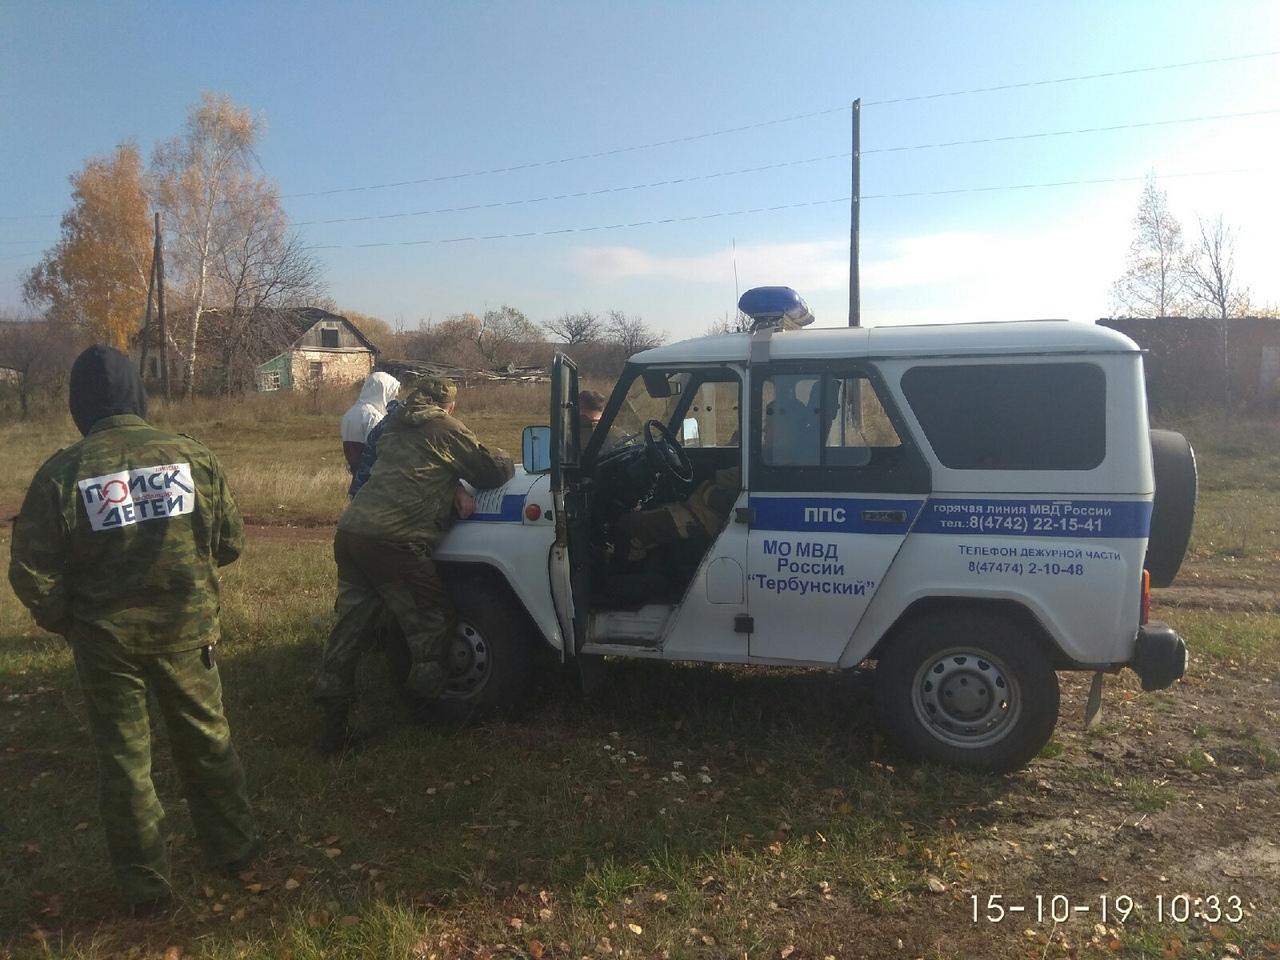 Пропавшего в Липецкой области мужчину нашли мертвым  — Изображение 1